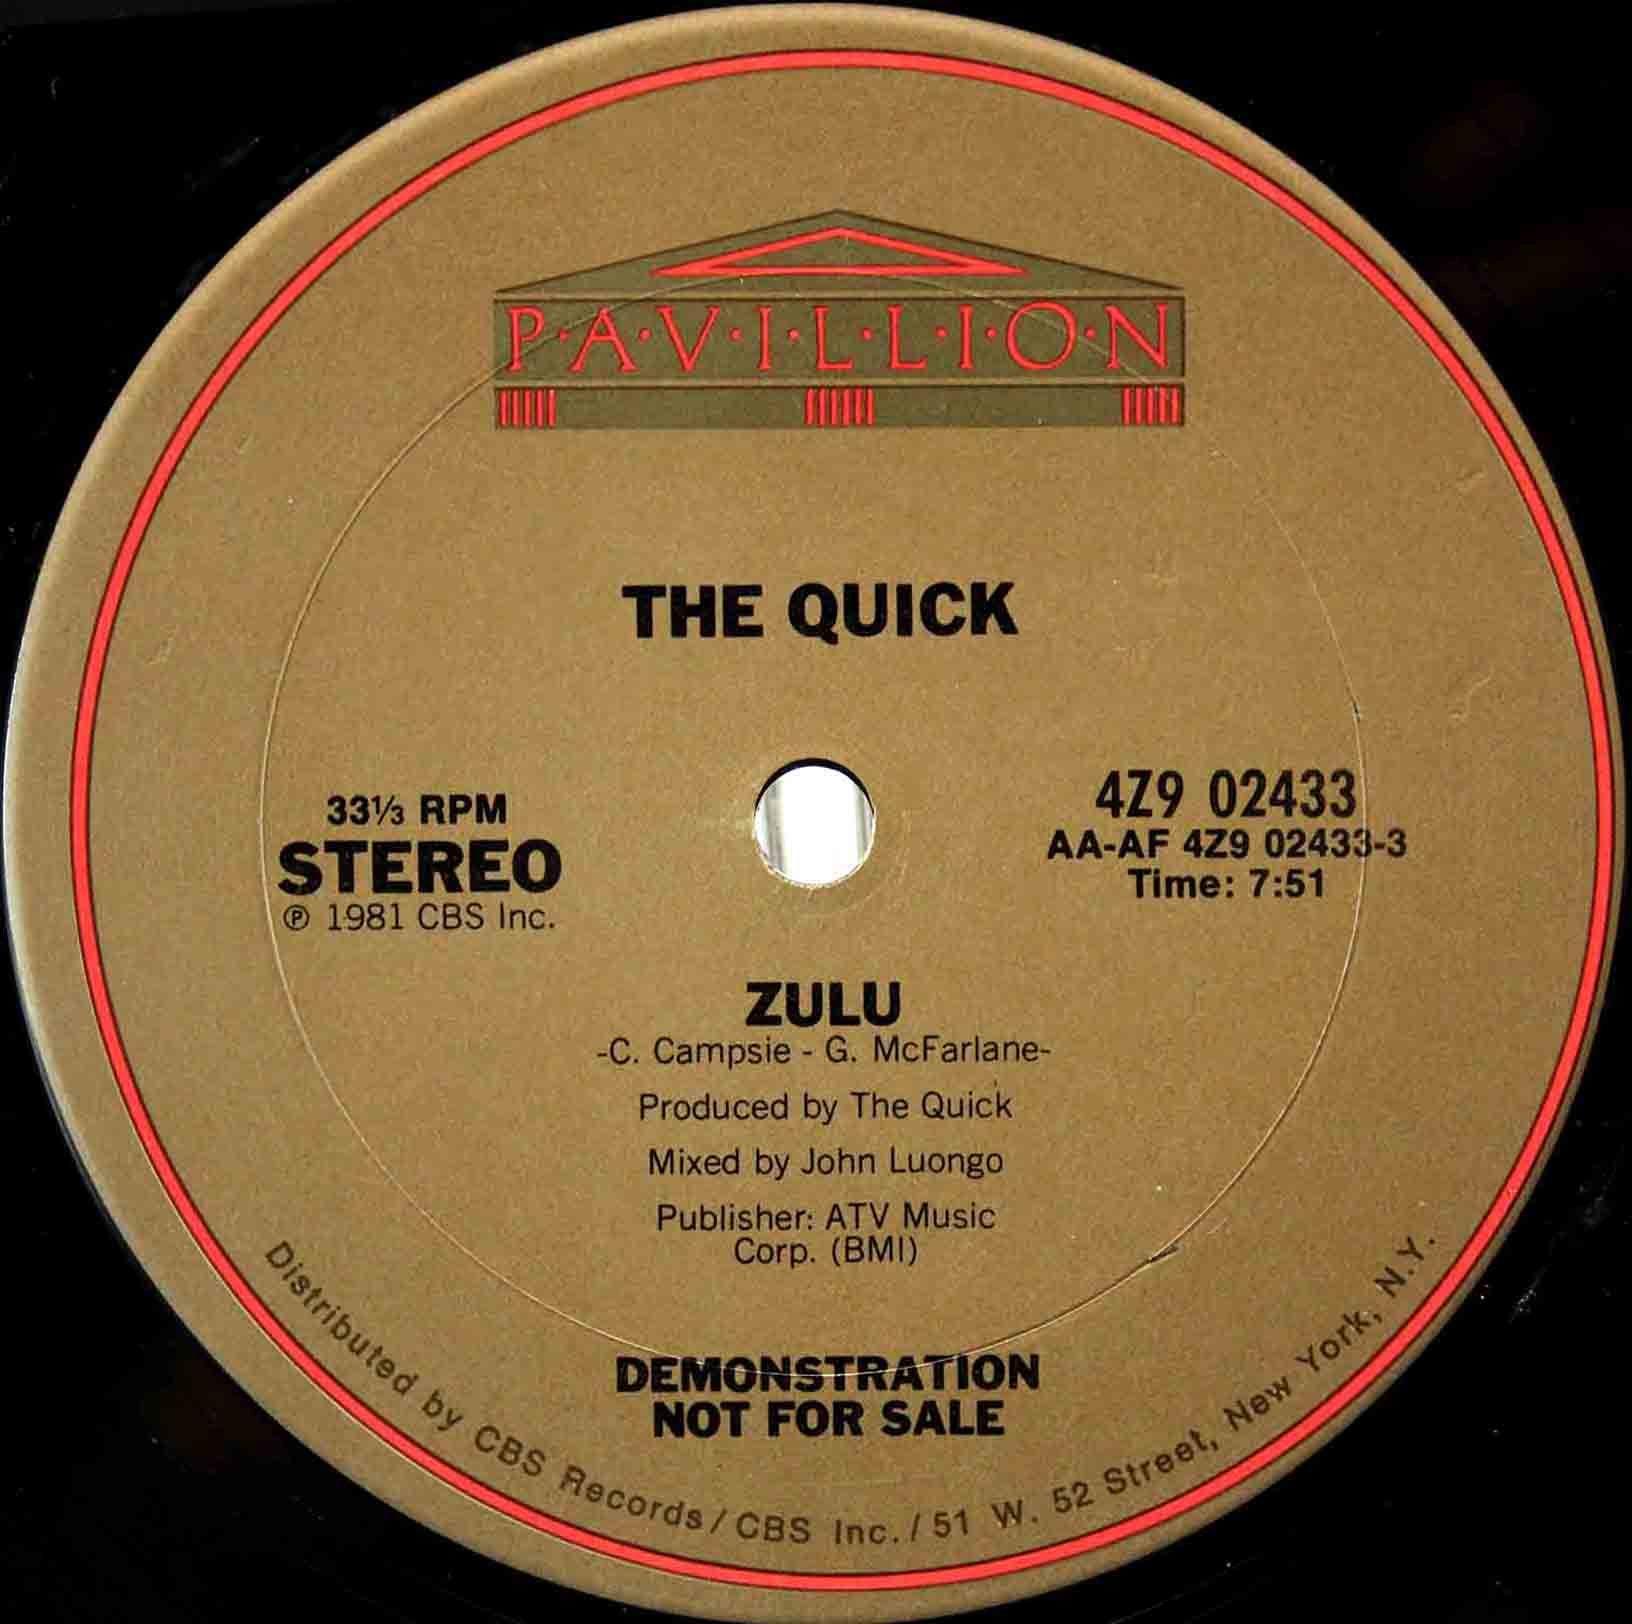 The Quick – Zulu 03